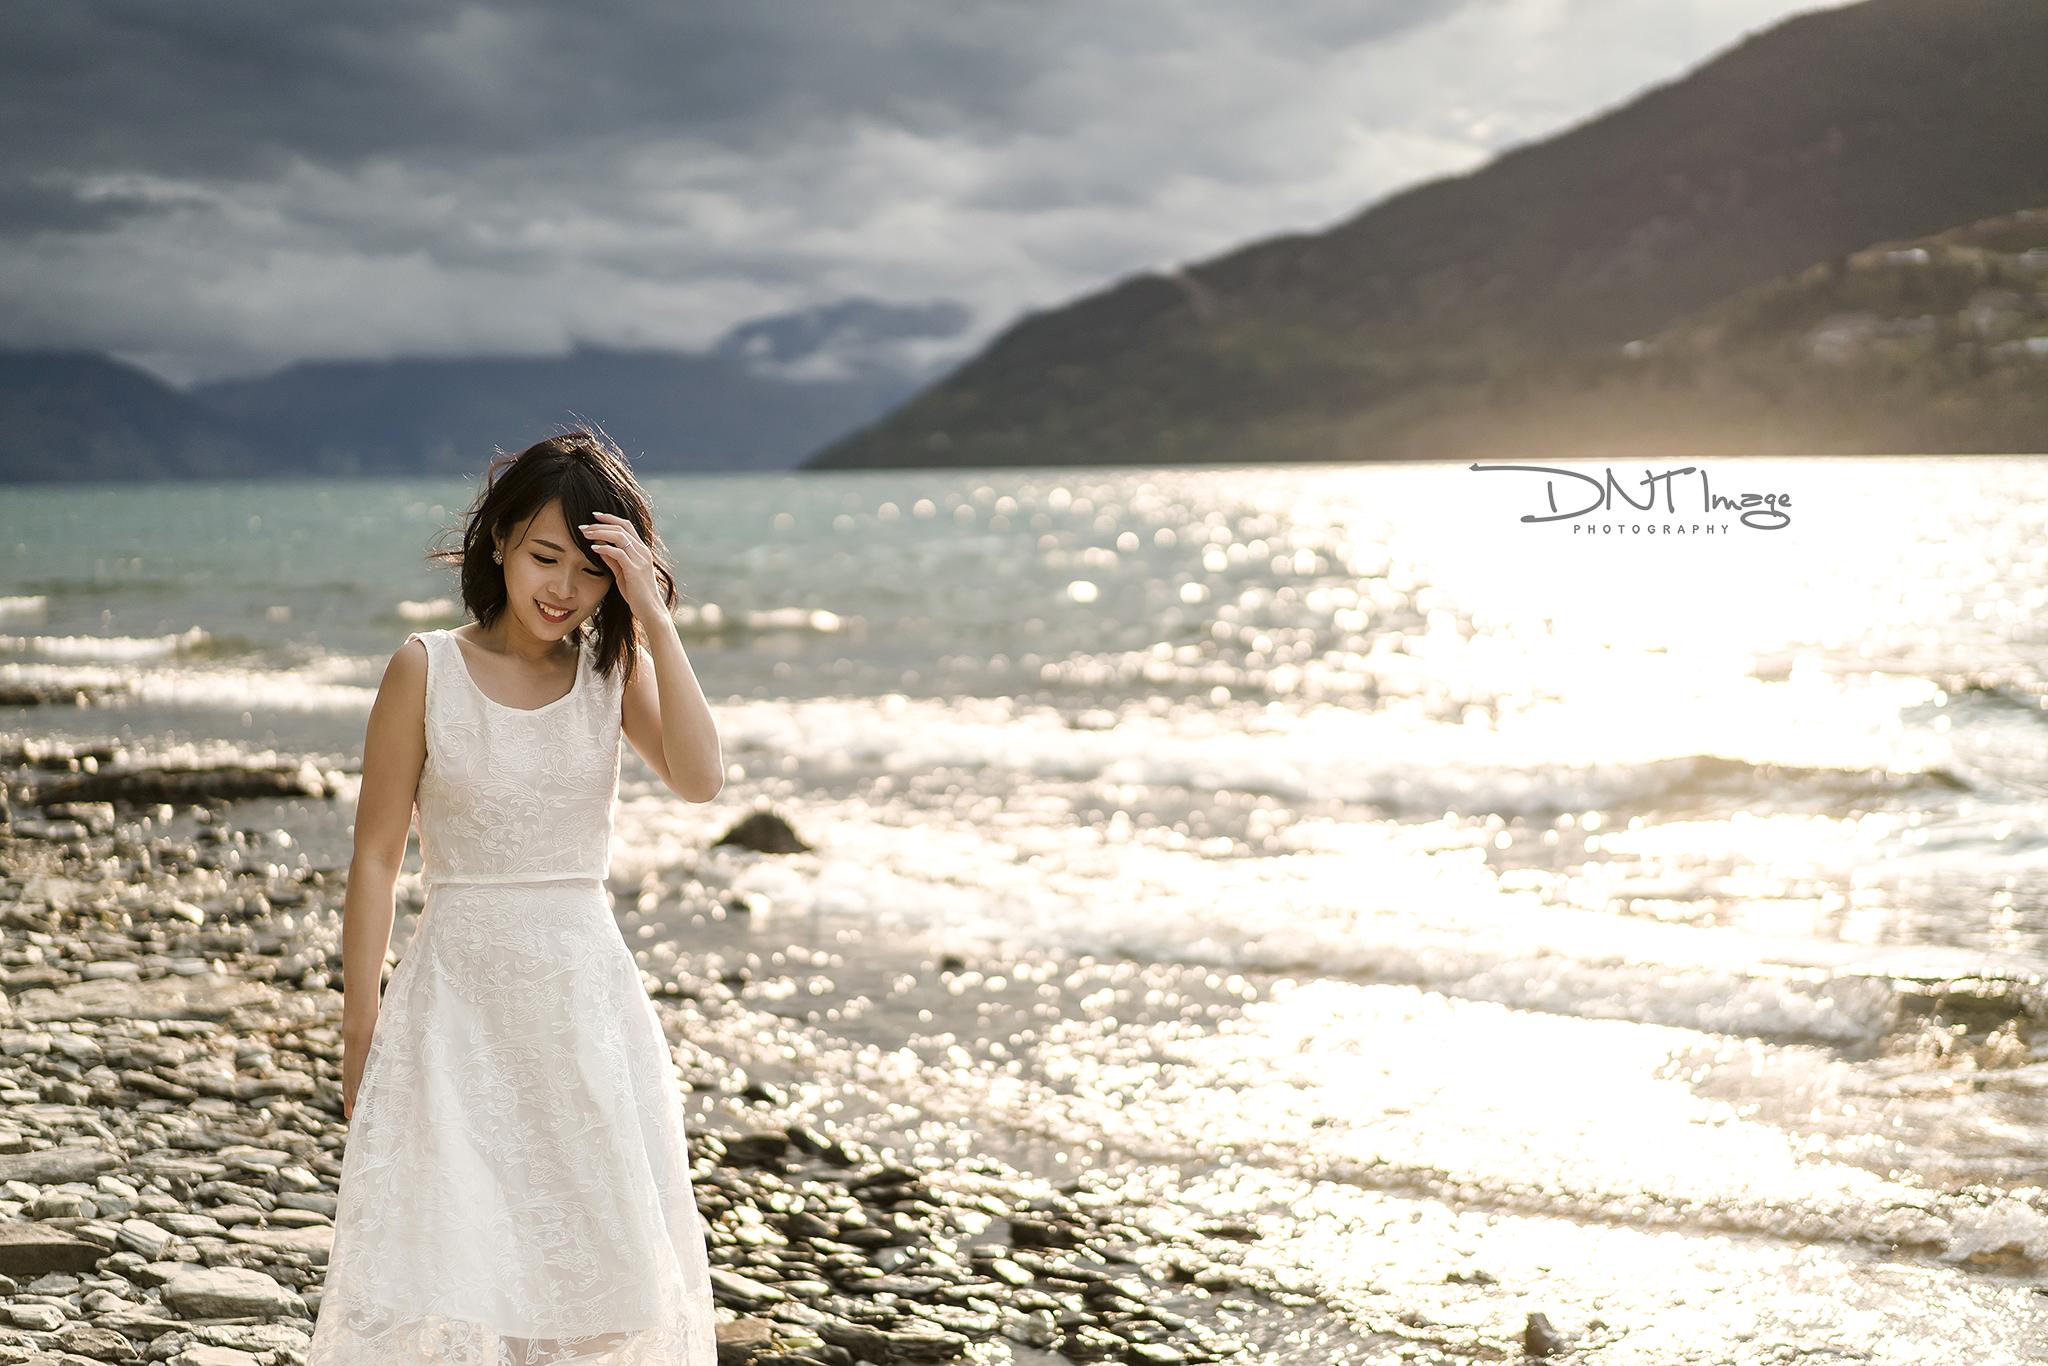 婚攝DD-紐西蘭婚紗-新西蘭婚紗-紐西蘭旅拍-皇后鎮